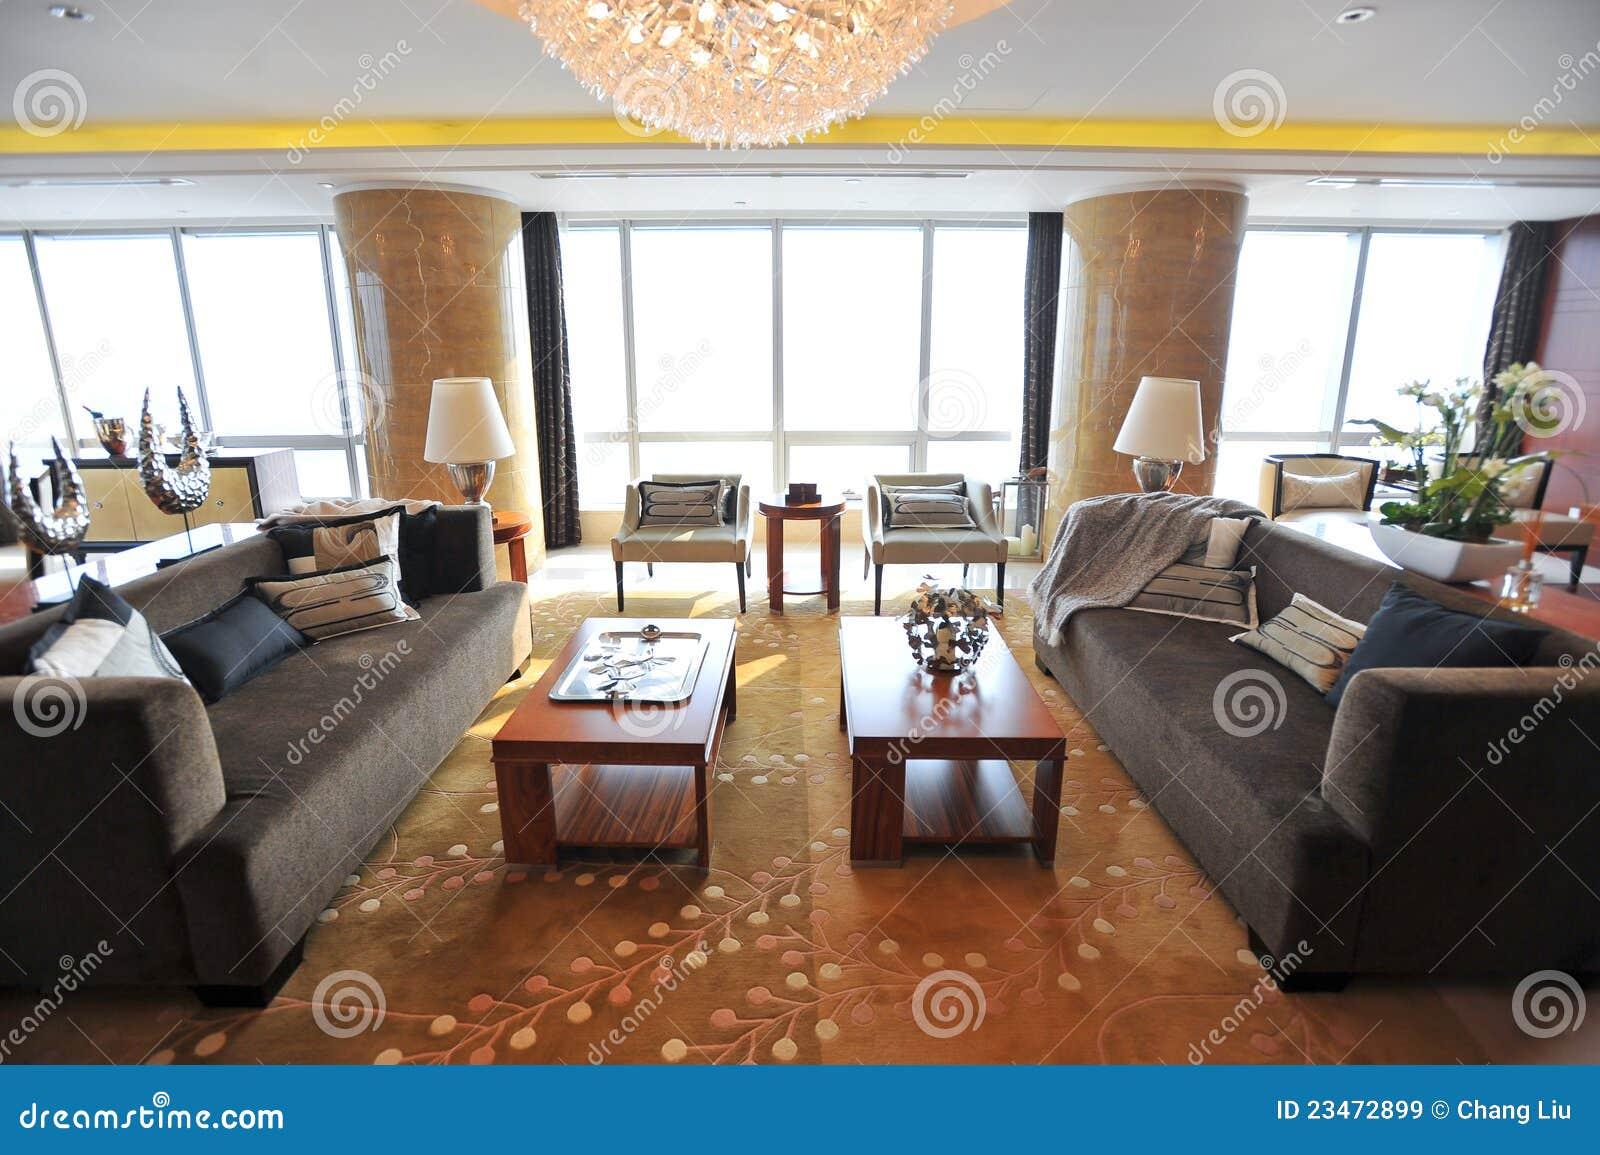 Wohnzimmer Umgeben Durch Große Fenster Stockbild - Bild von ...